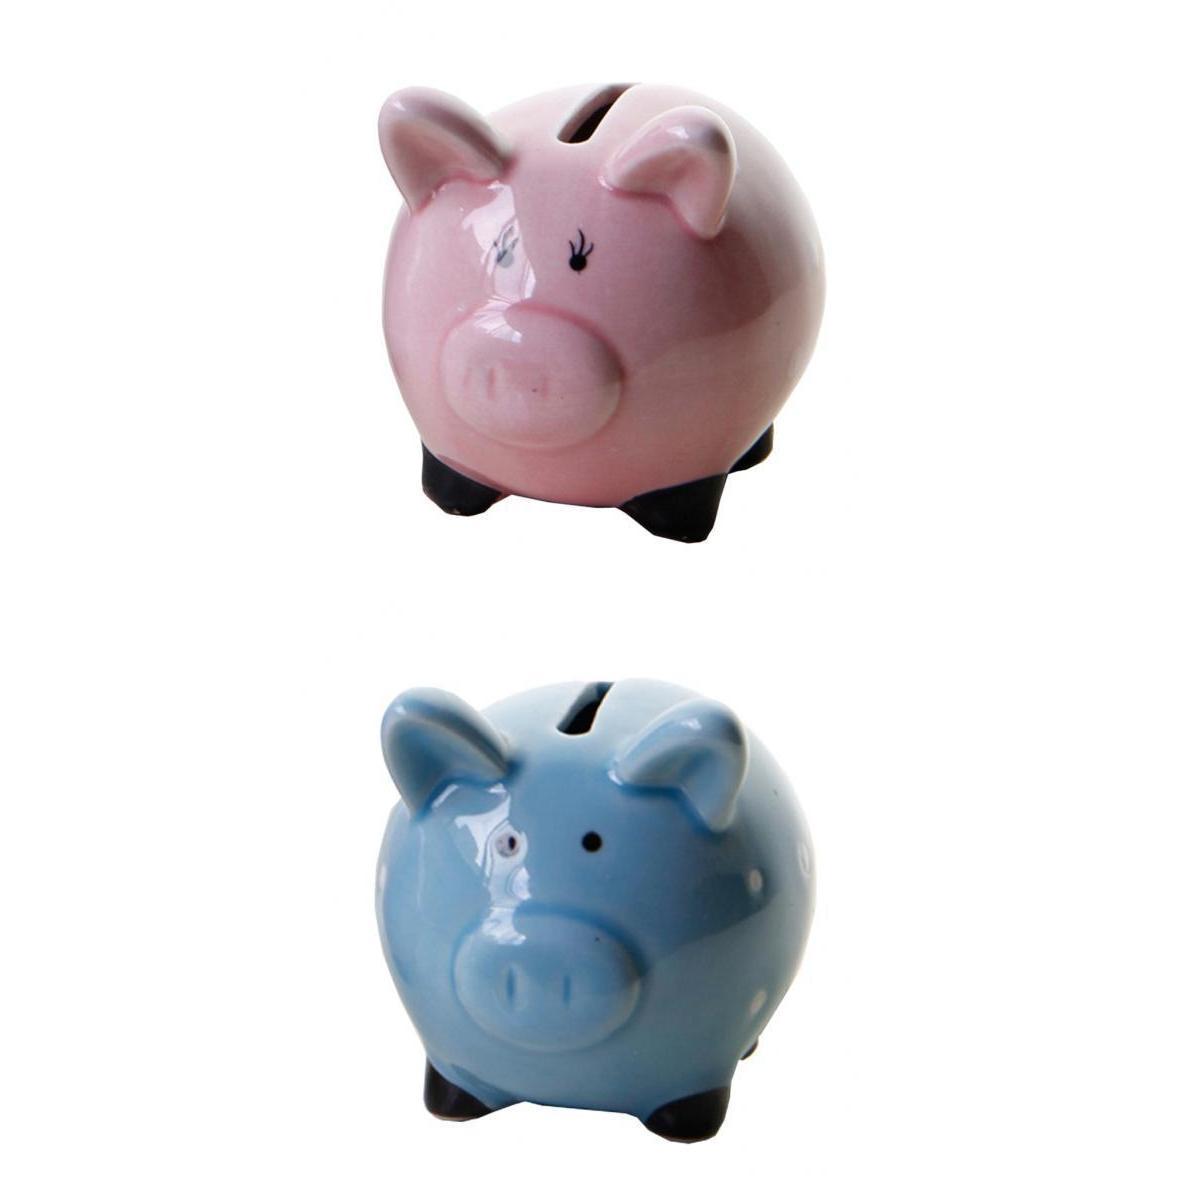 Articoli da regalo 2pcs moneta bancaria della moneta della Banca miglior regalo di compleanno Per i più piccoli delle ragazze dei ragazzi blu / rosa